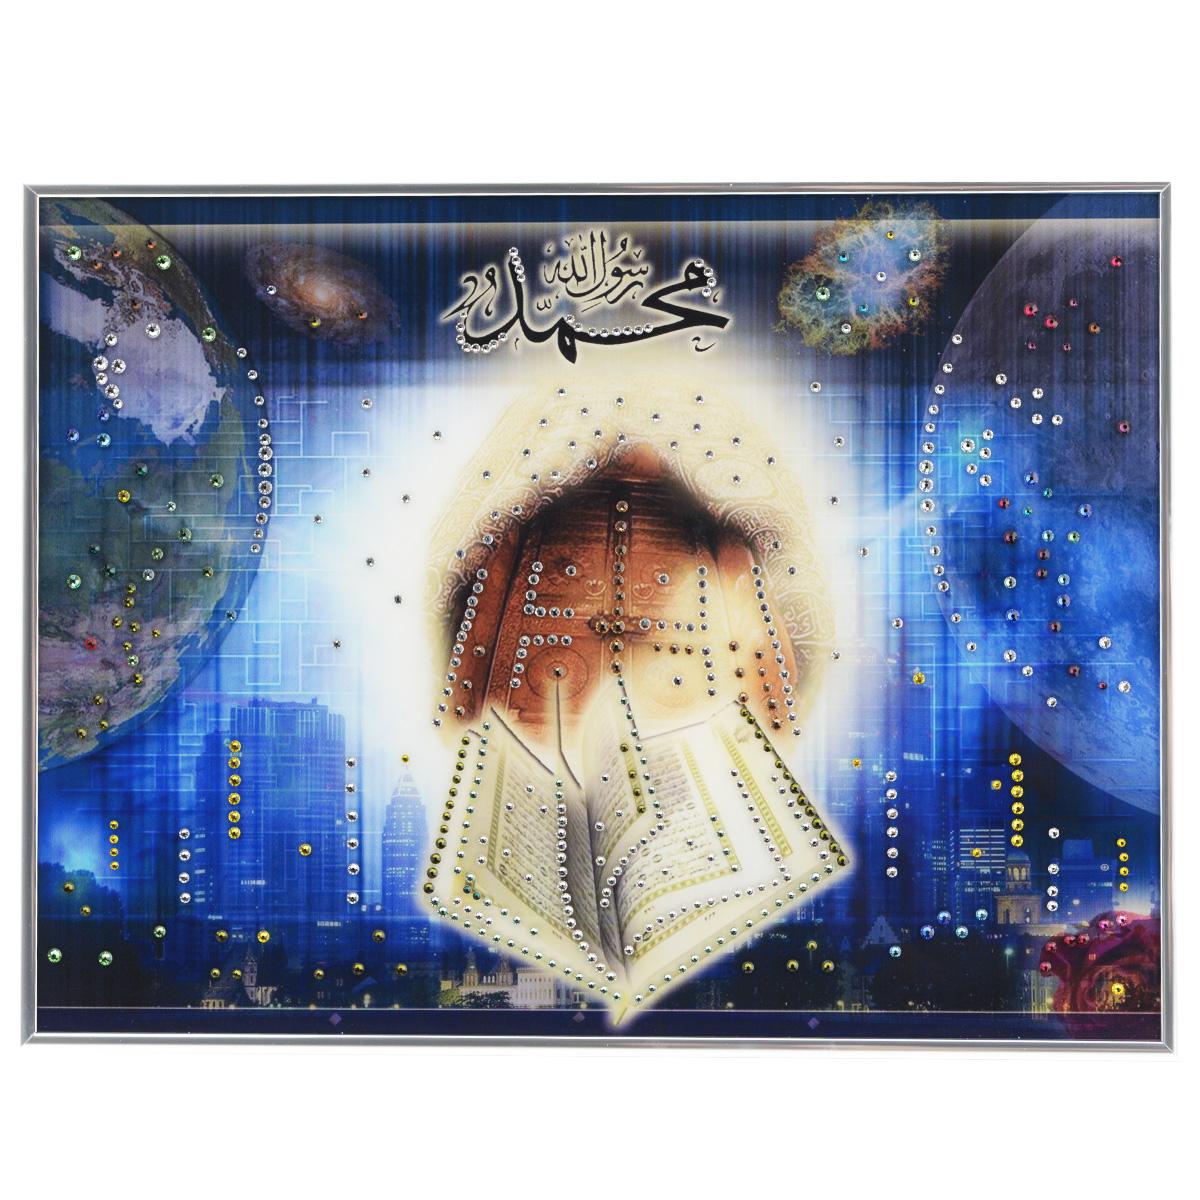 Картина с кристаллами Swarovski Книга Аллаха, 40 см х 30 смPM-3302Изящная картина в металлической раме, инкрустирована кристаллами Swarovski, которые отличаются четкой и ровной огранкой, ярким блеском и чистотой цвета. Красочное изображение книги Аллаха, расположенное под стеклом, прекрасно дополняет блеск кристаллов. С обратной стороны имеется металлическая петелька для размещения картины на стене. Картина с кристаллами Swarovski Книга Аллаха элегантно украсит интерьер дома или офиса, а также станет прекрасным подарком, который обязательно понравится получателю. Блеск кристаллов в интерьере, что может быть сказочнее и удивительнее. Картина упакована в подарочную картонную коробку синего цвета и комплектуется сертификатом соответствия Swarovski.